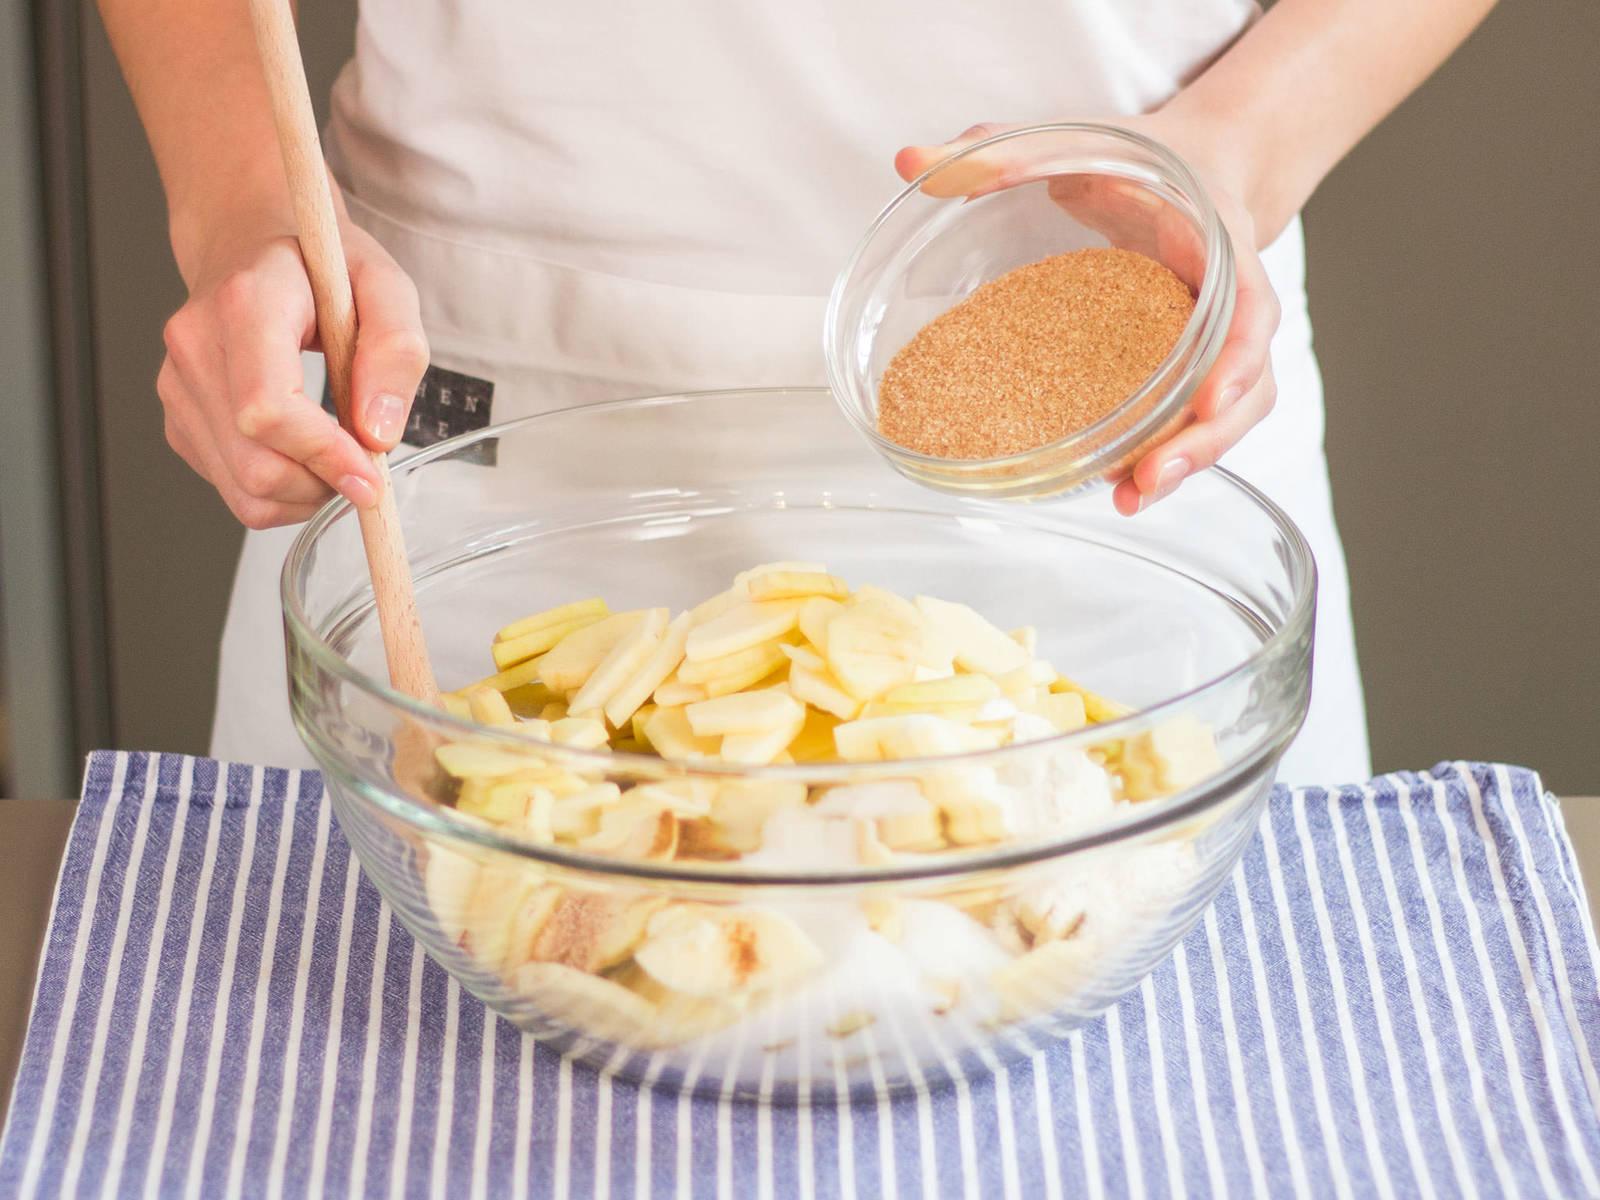 Äpfel, Zitronensaft, Zimt, Muskatnuss, Mehl, Zucker und braunen Zucker in einer großen Schüssel vermengen.